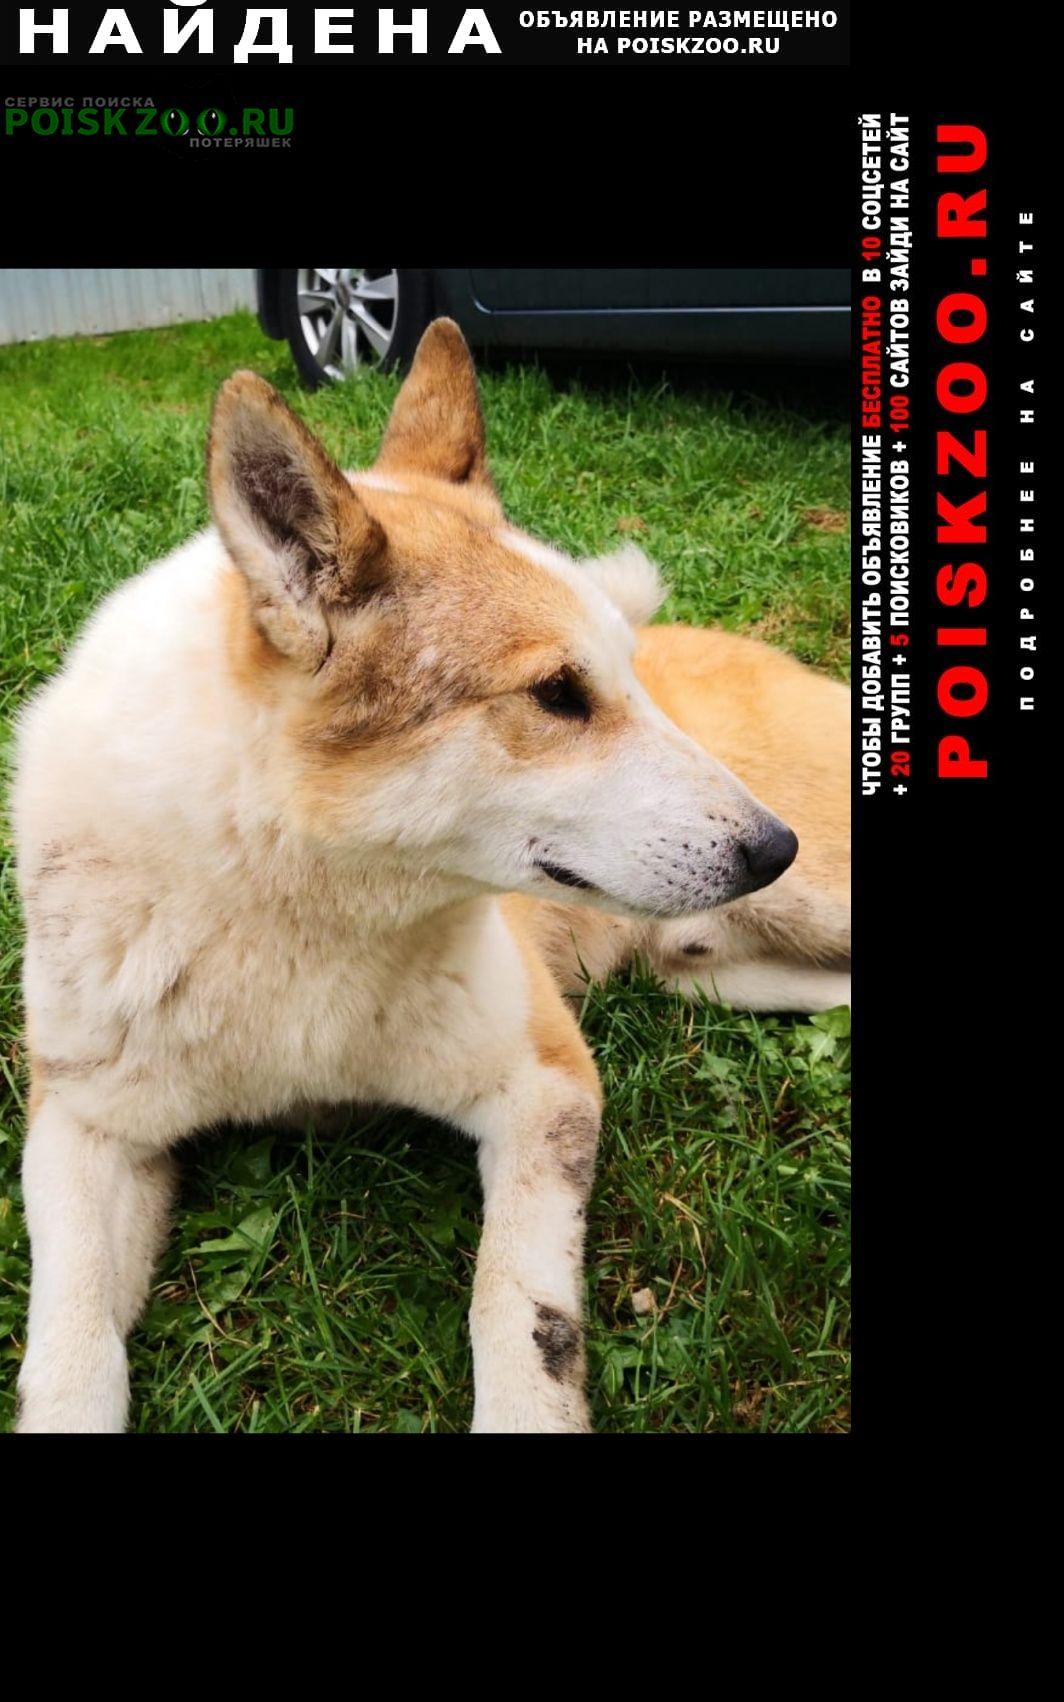 Найдена собака лайка Кольчугино